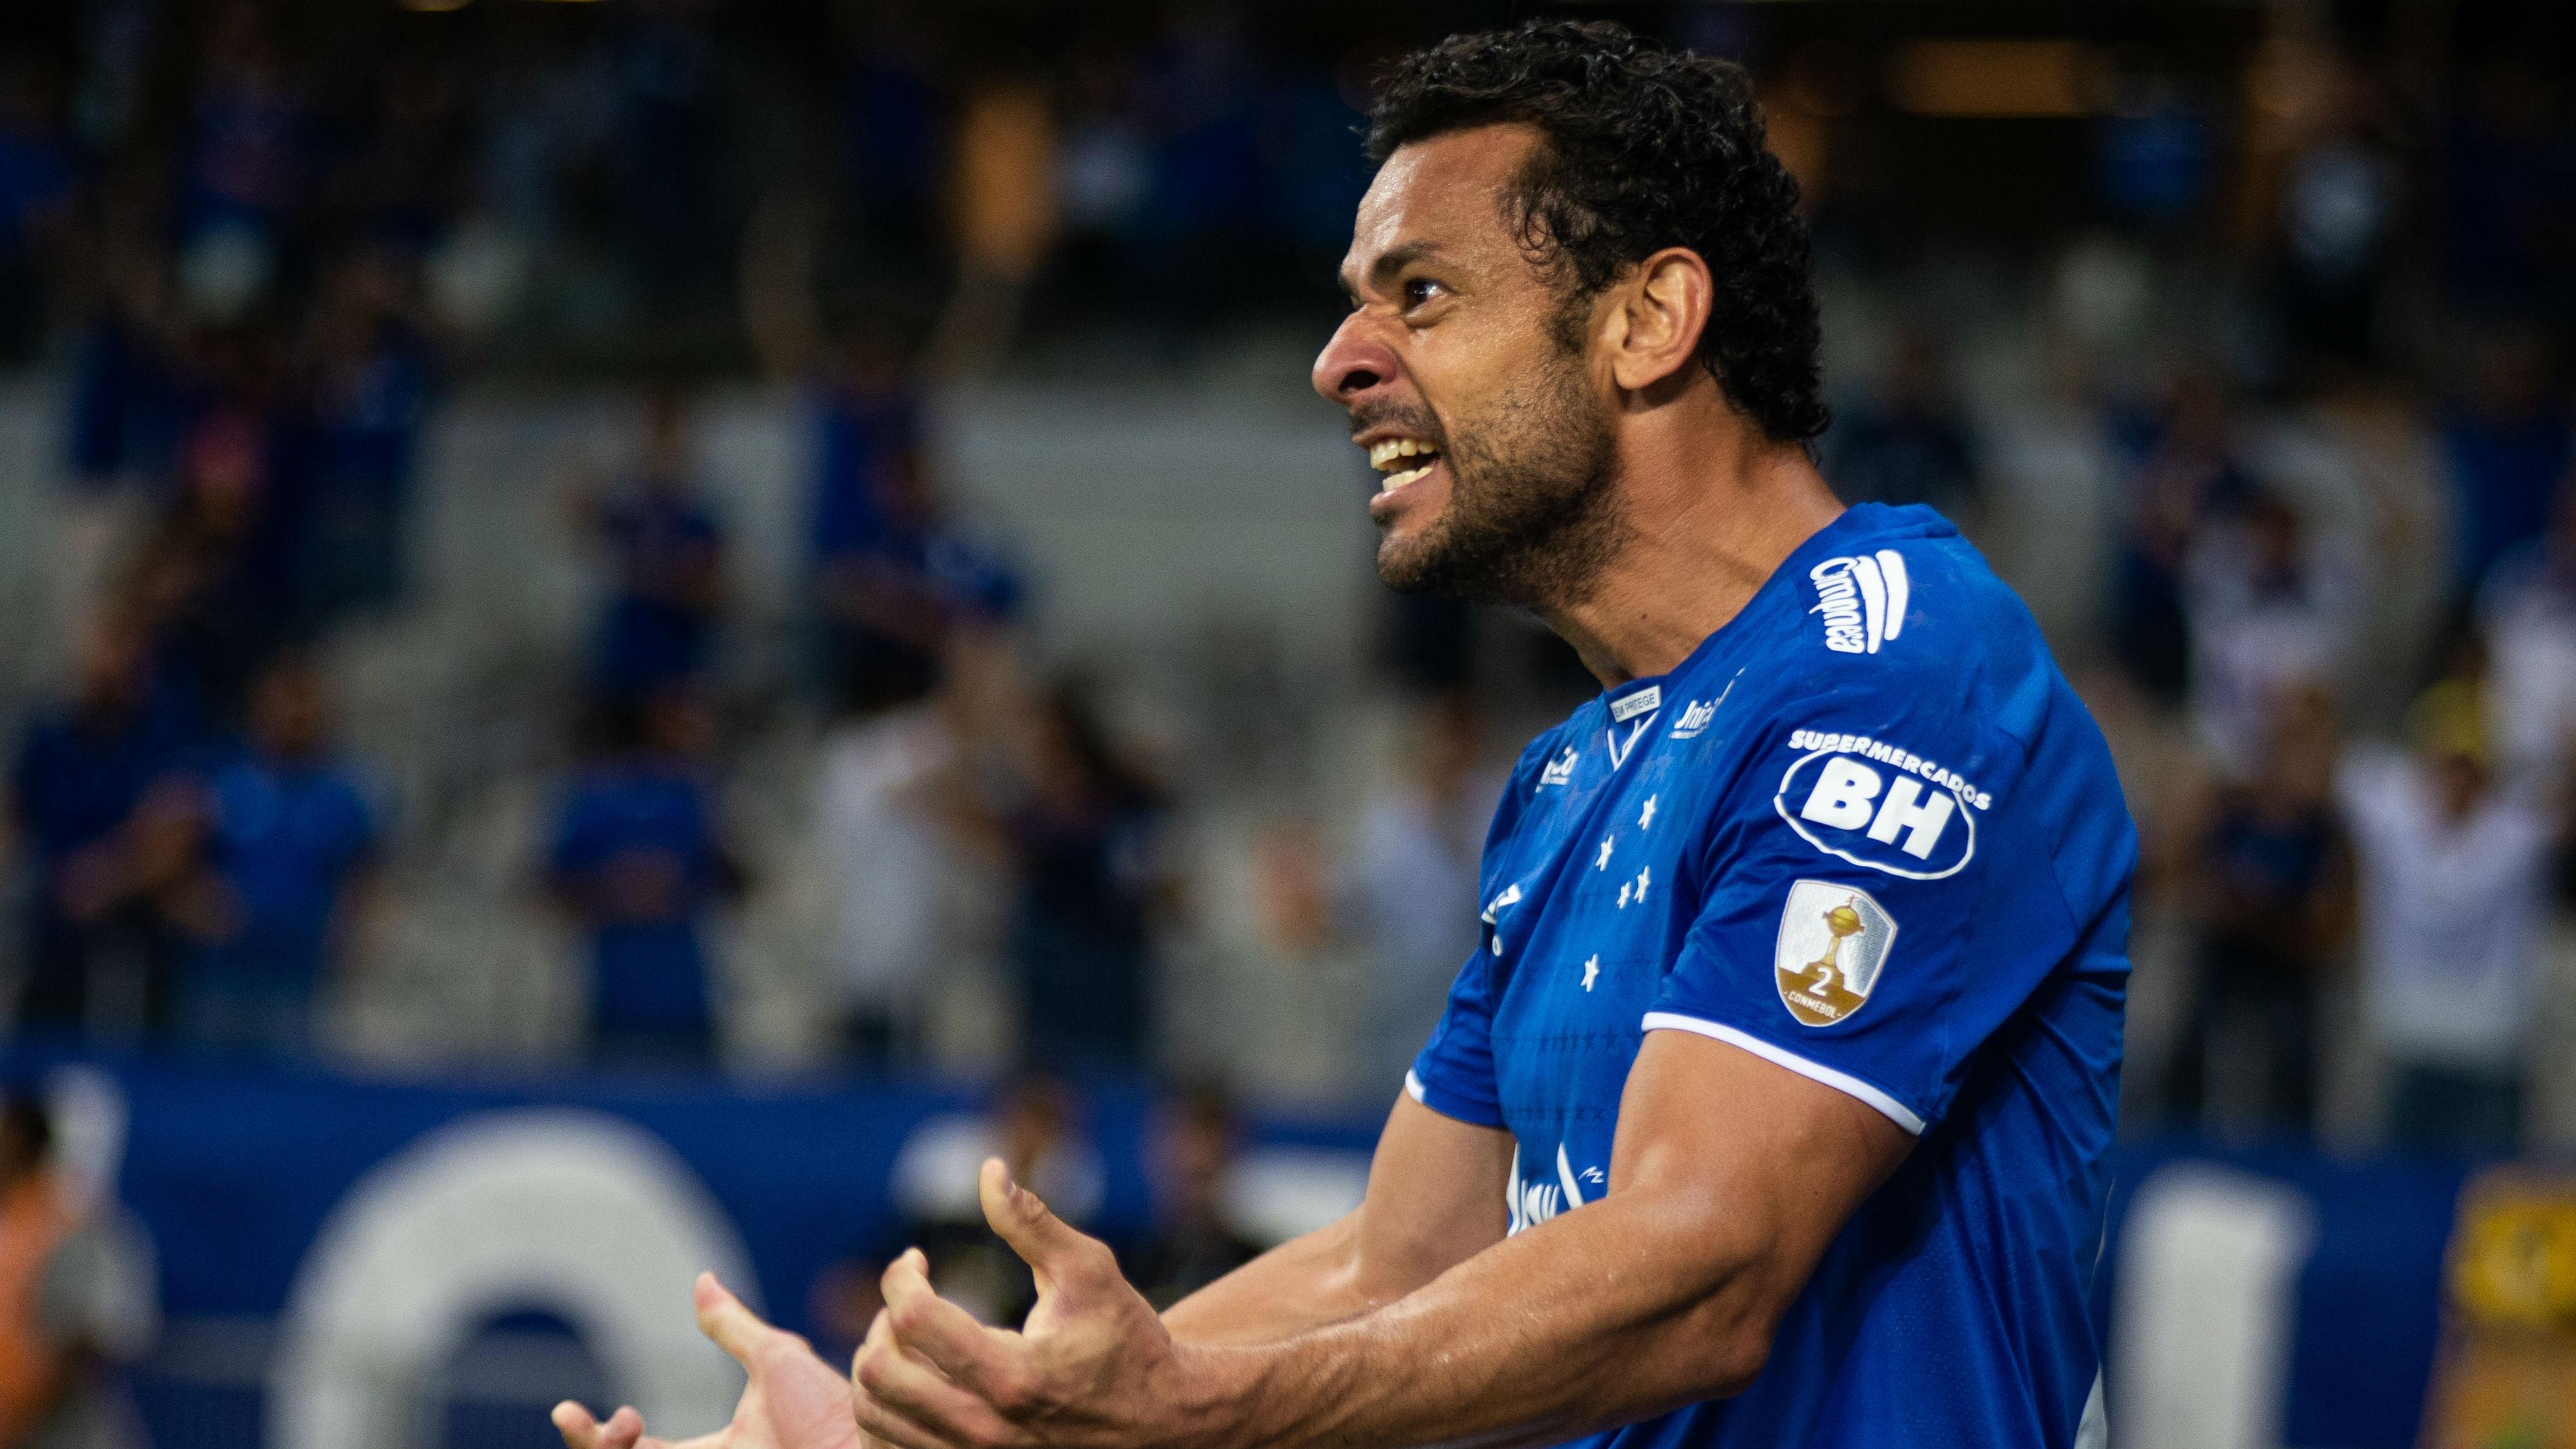 Бившият бразилски национал Фред обяви, че напуска настоящия си клуб